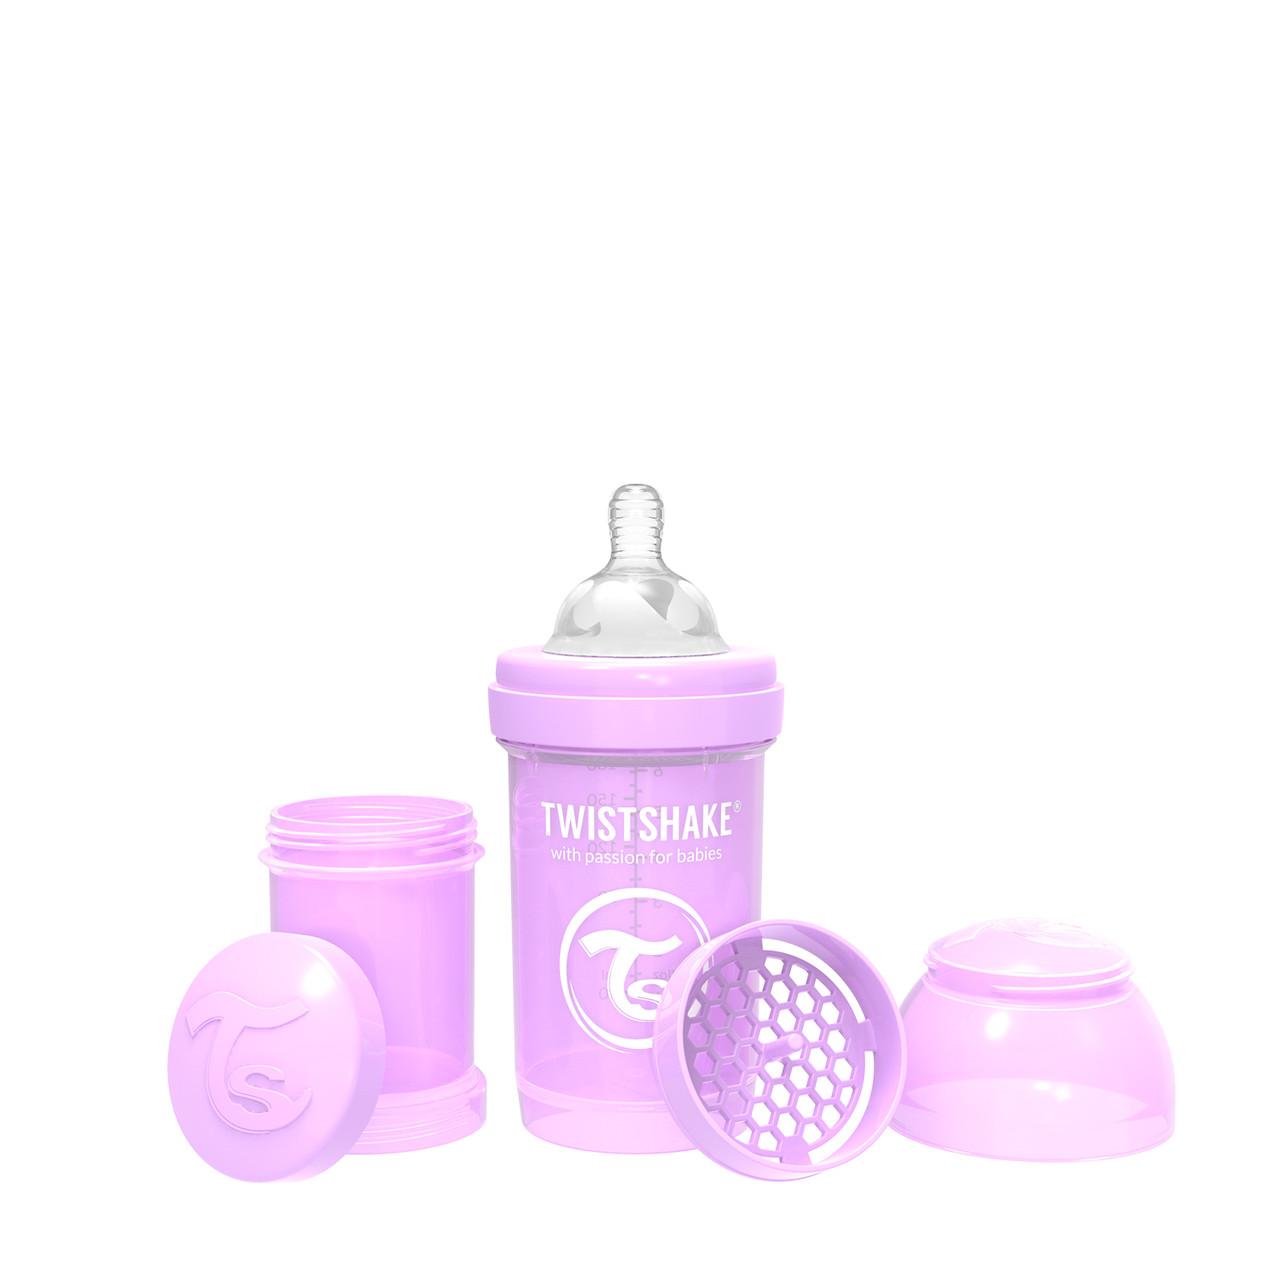 Антиколиковая бутылочка Twistshake Pastel для кормления 180 мл.  Фиолетовая